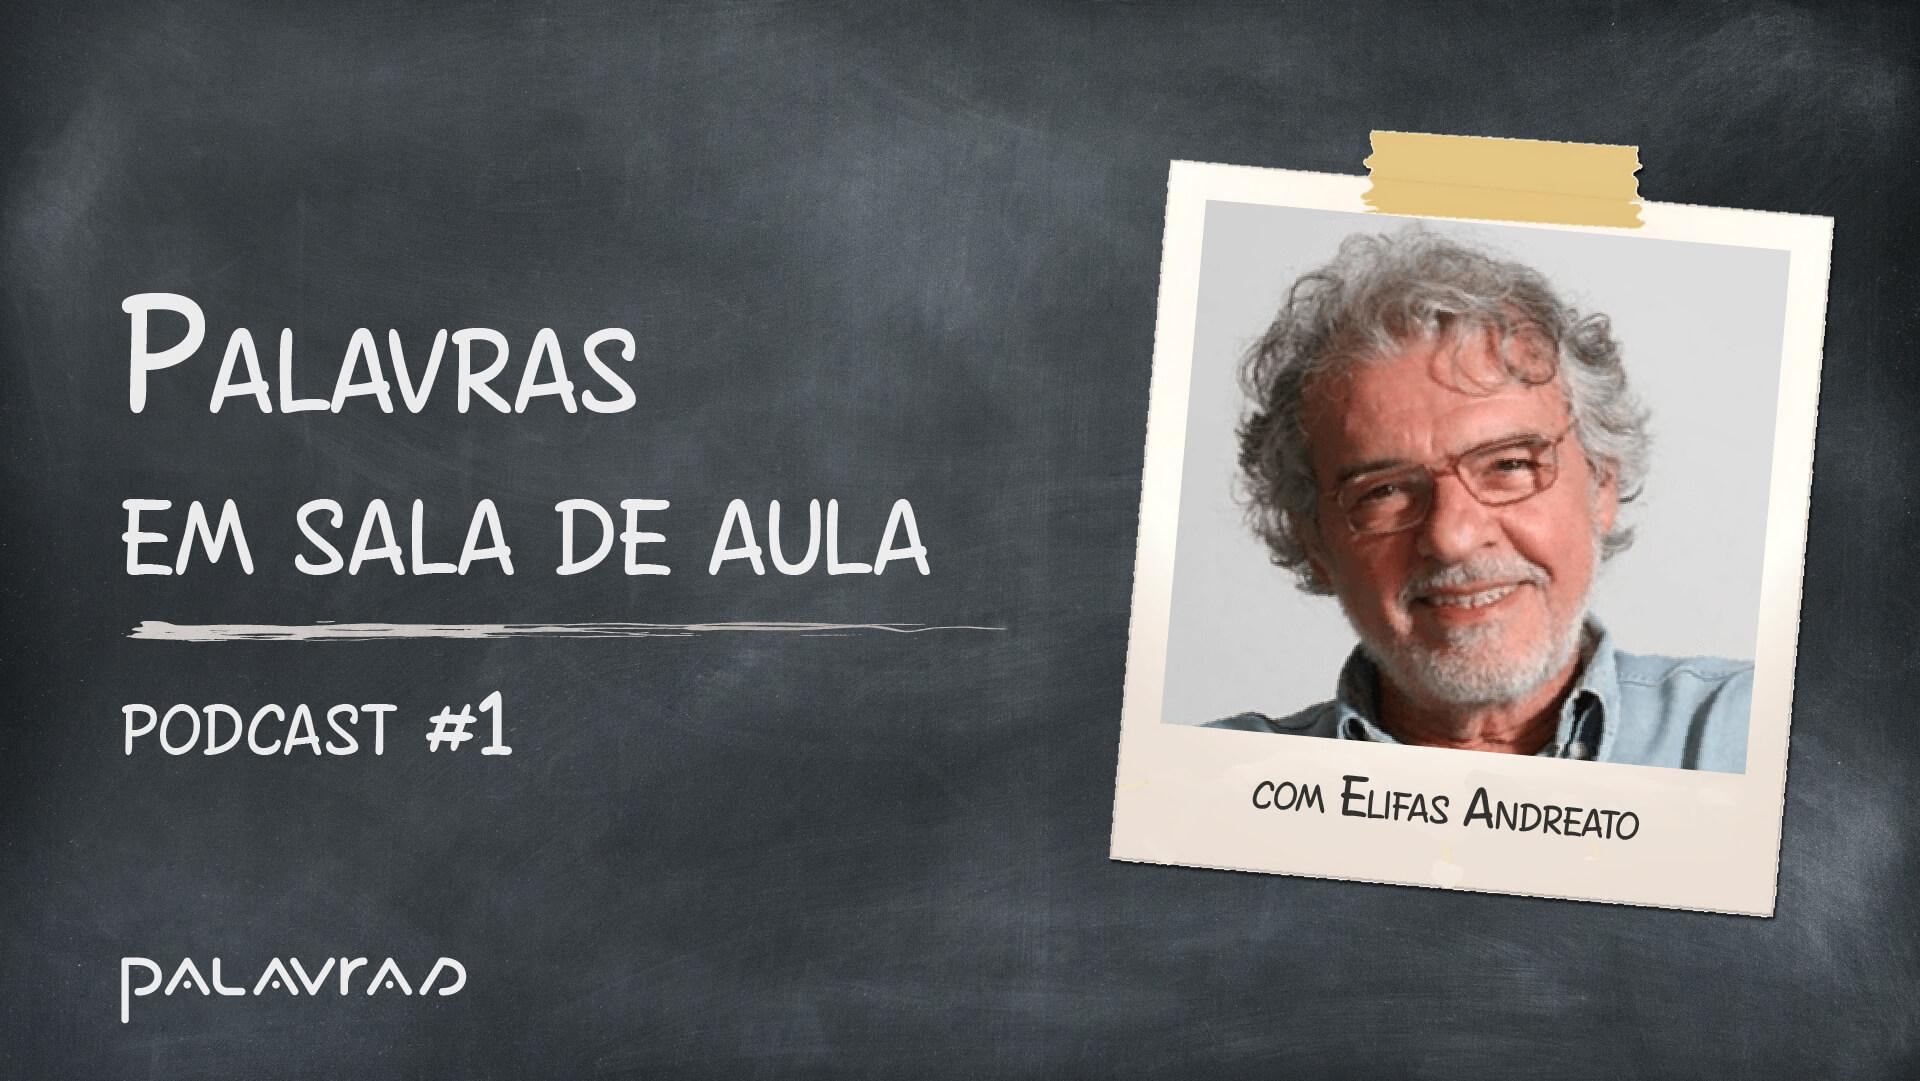 Podcast Palavras em Sala de Aula   #1: Elifas Andreato